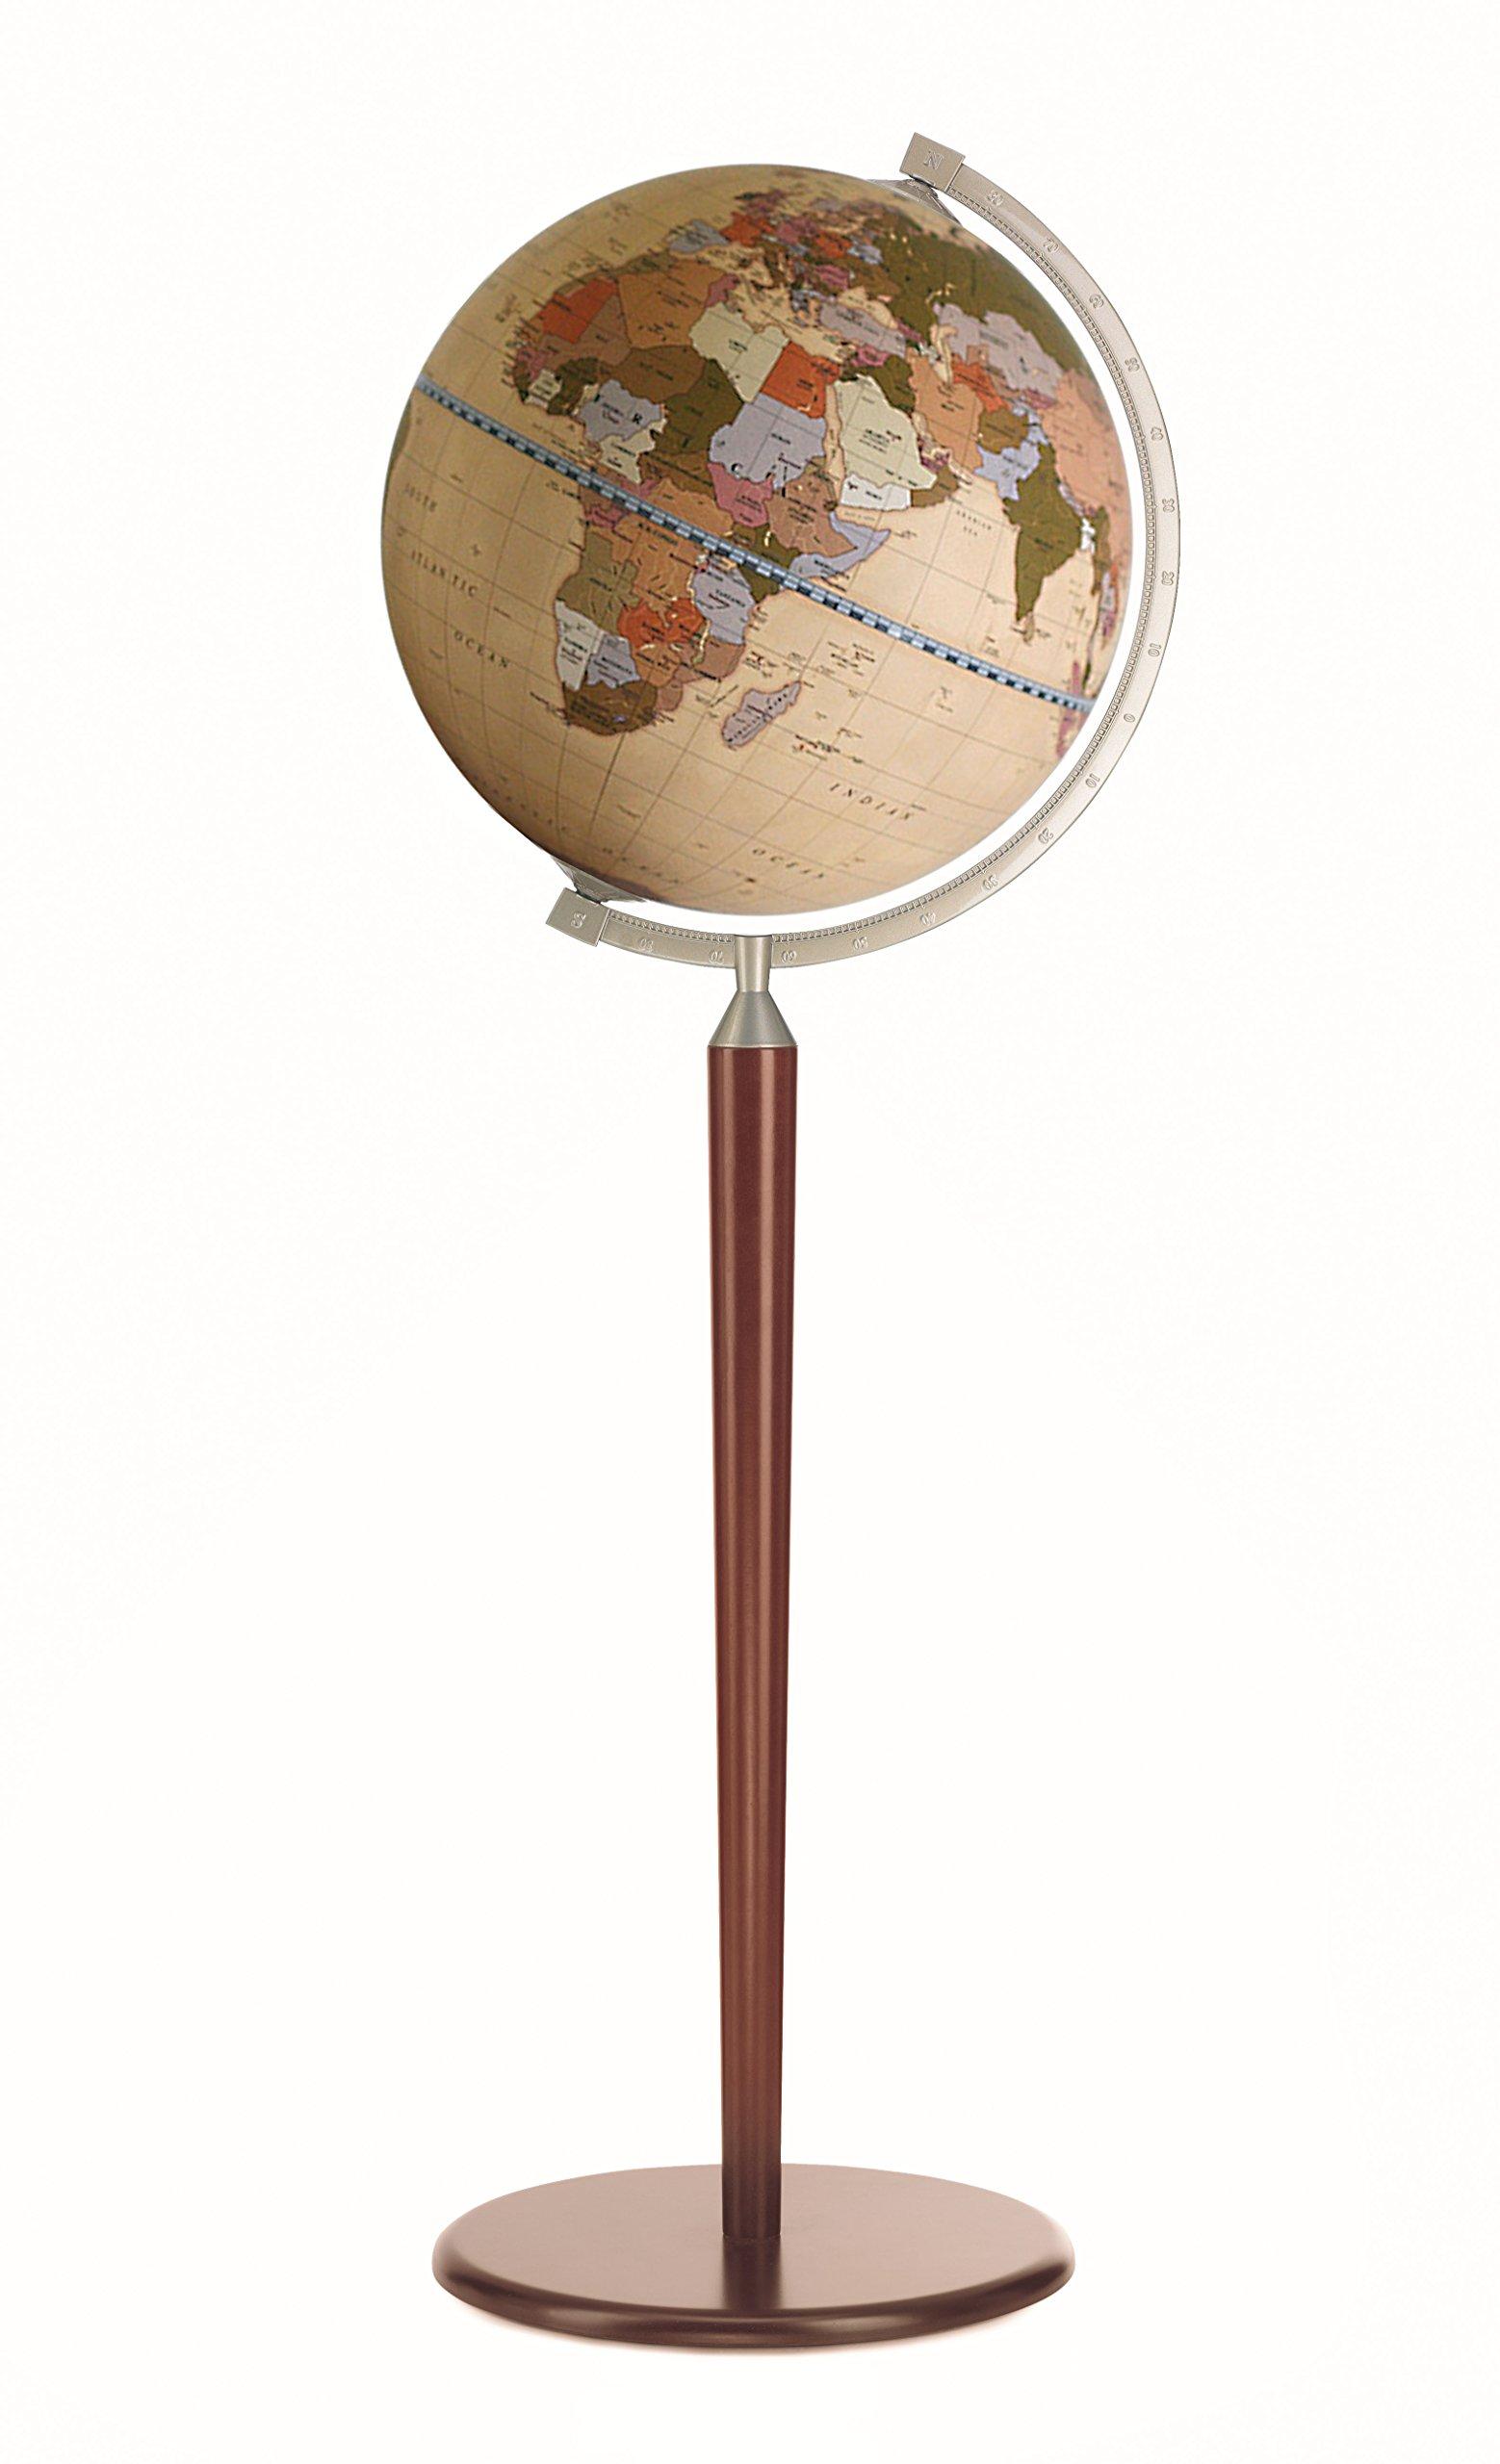 Zoffoli 16'' Vasco da Gama Floor Globe (Dark Stand with Apricot Ocean) by Zoffoli Globes USA